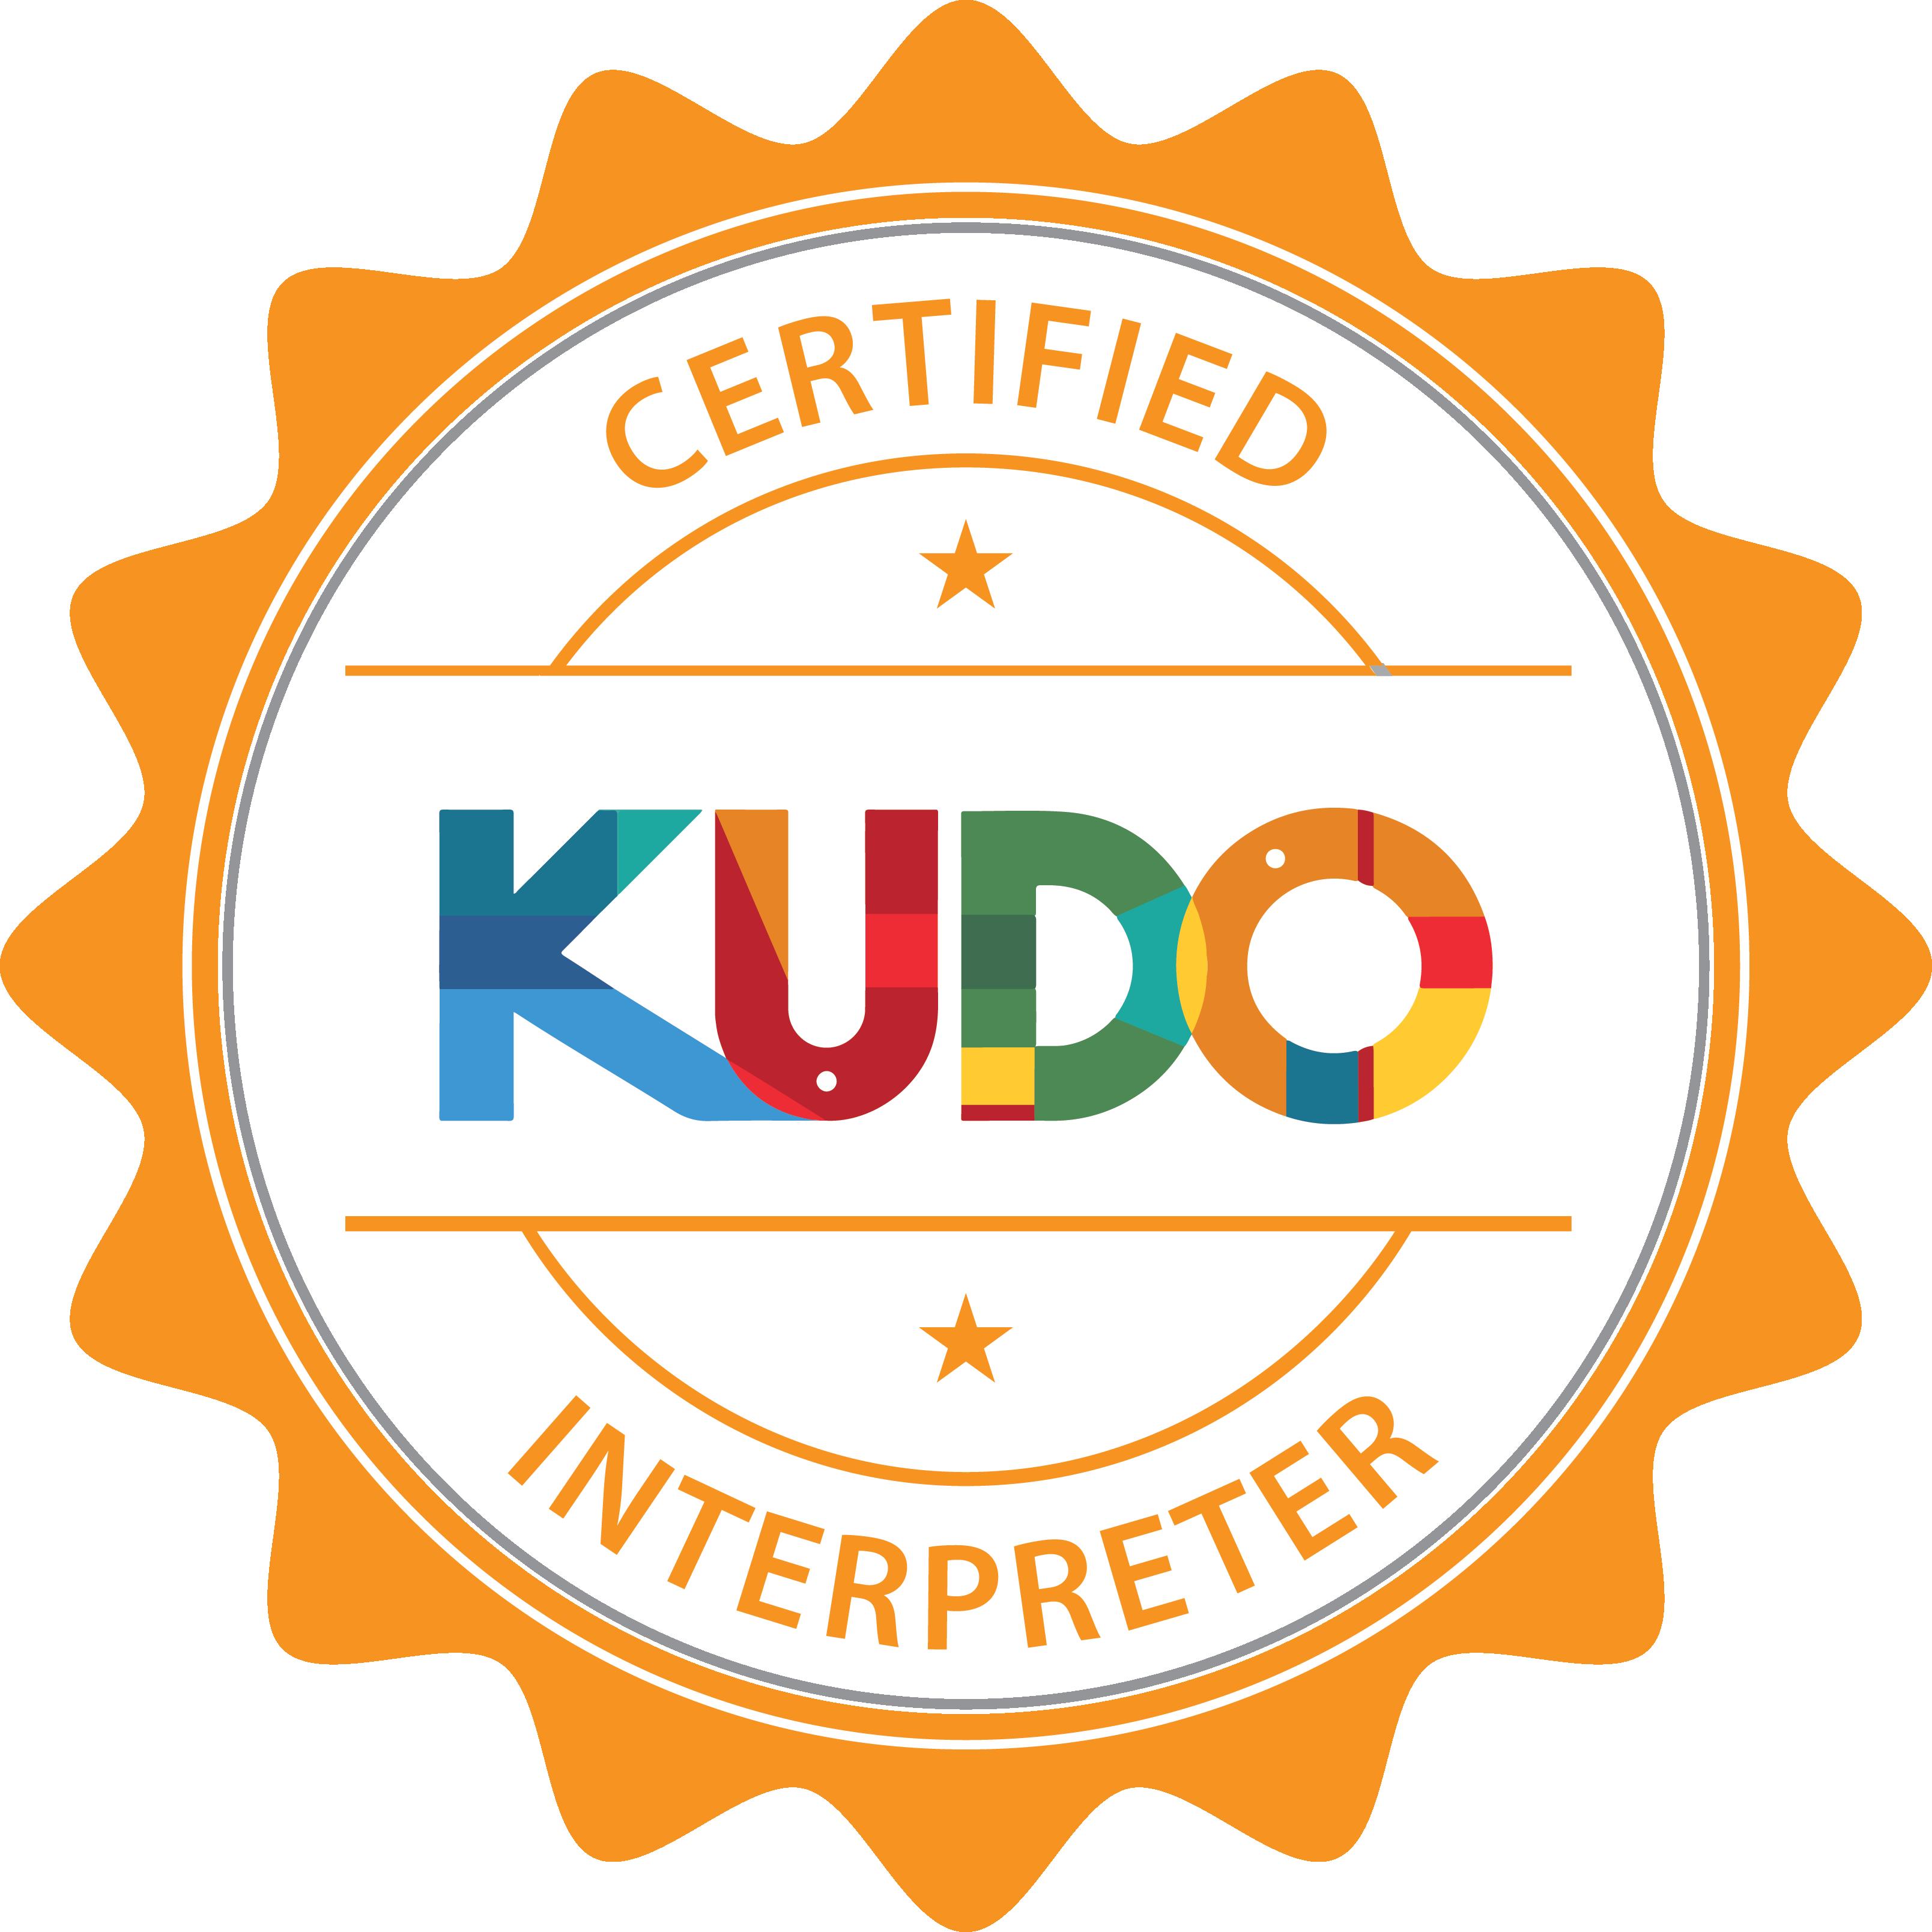 kudo-interpreter-badge